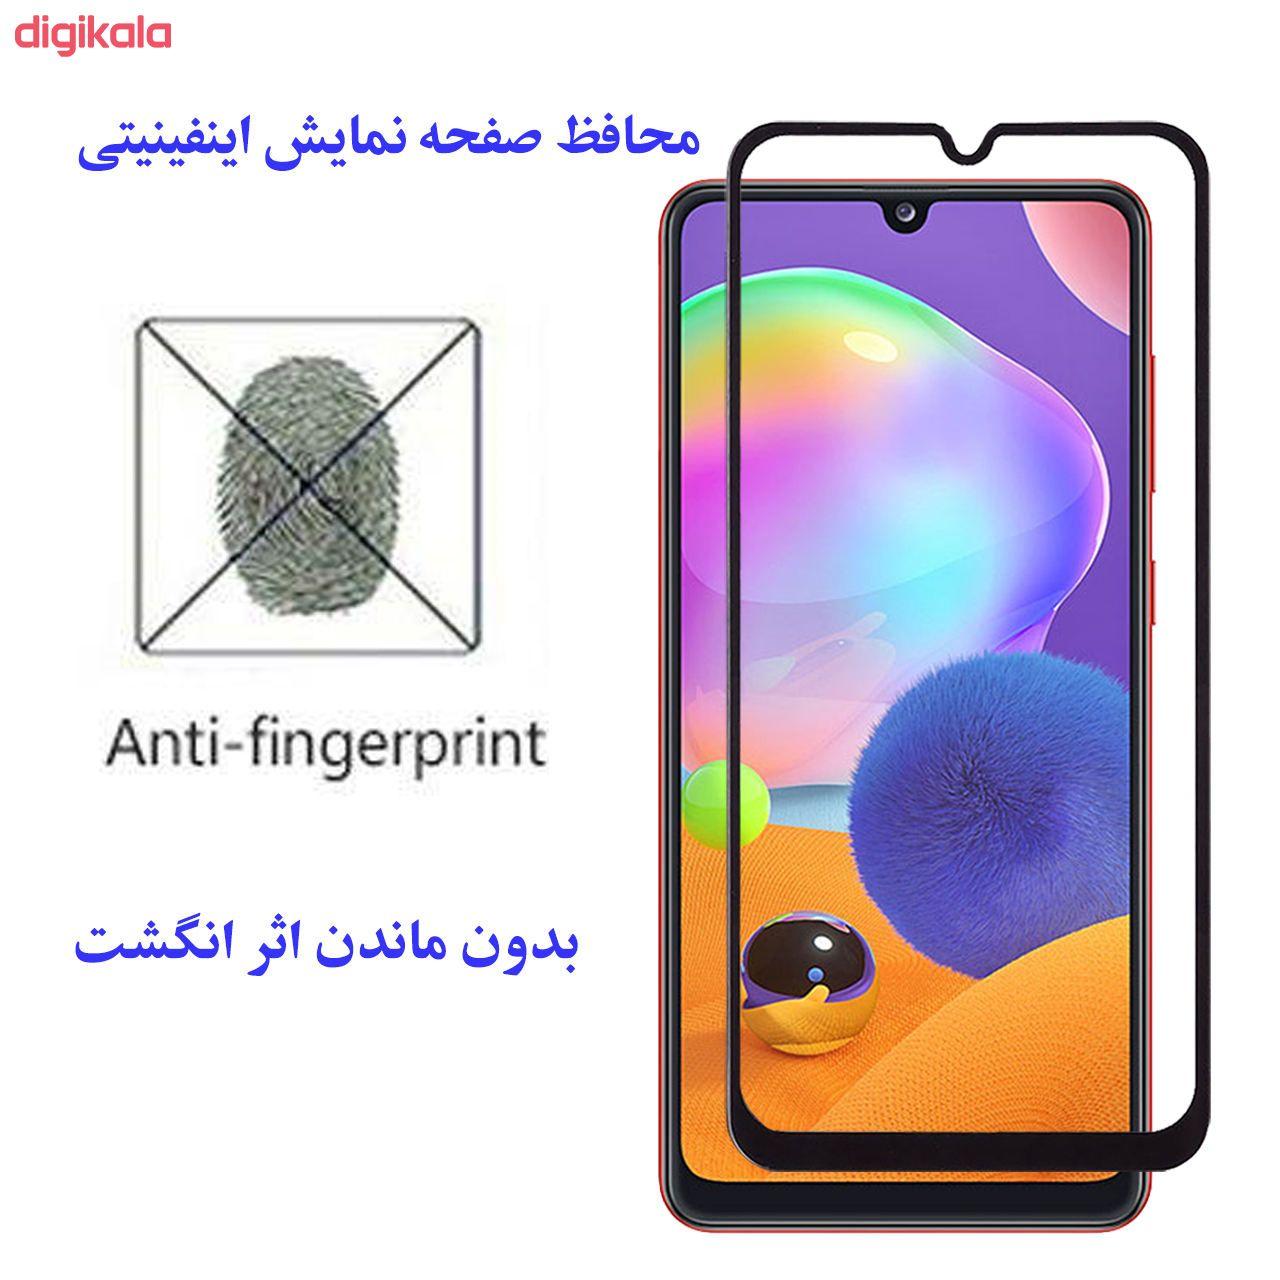 محافظ صفحه نمایش فوکس مدل PT001 مناسب برای گوشی موبایل سامسونگ Galaxy A31 main 1 8